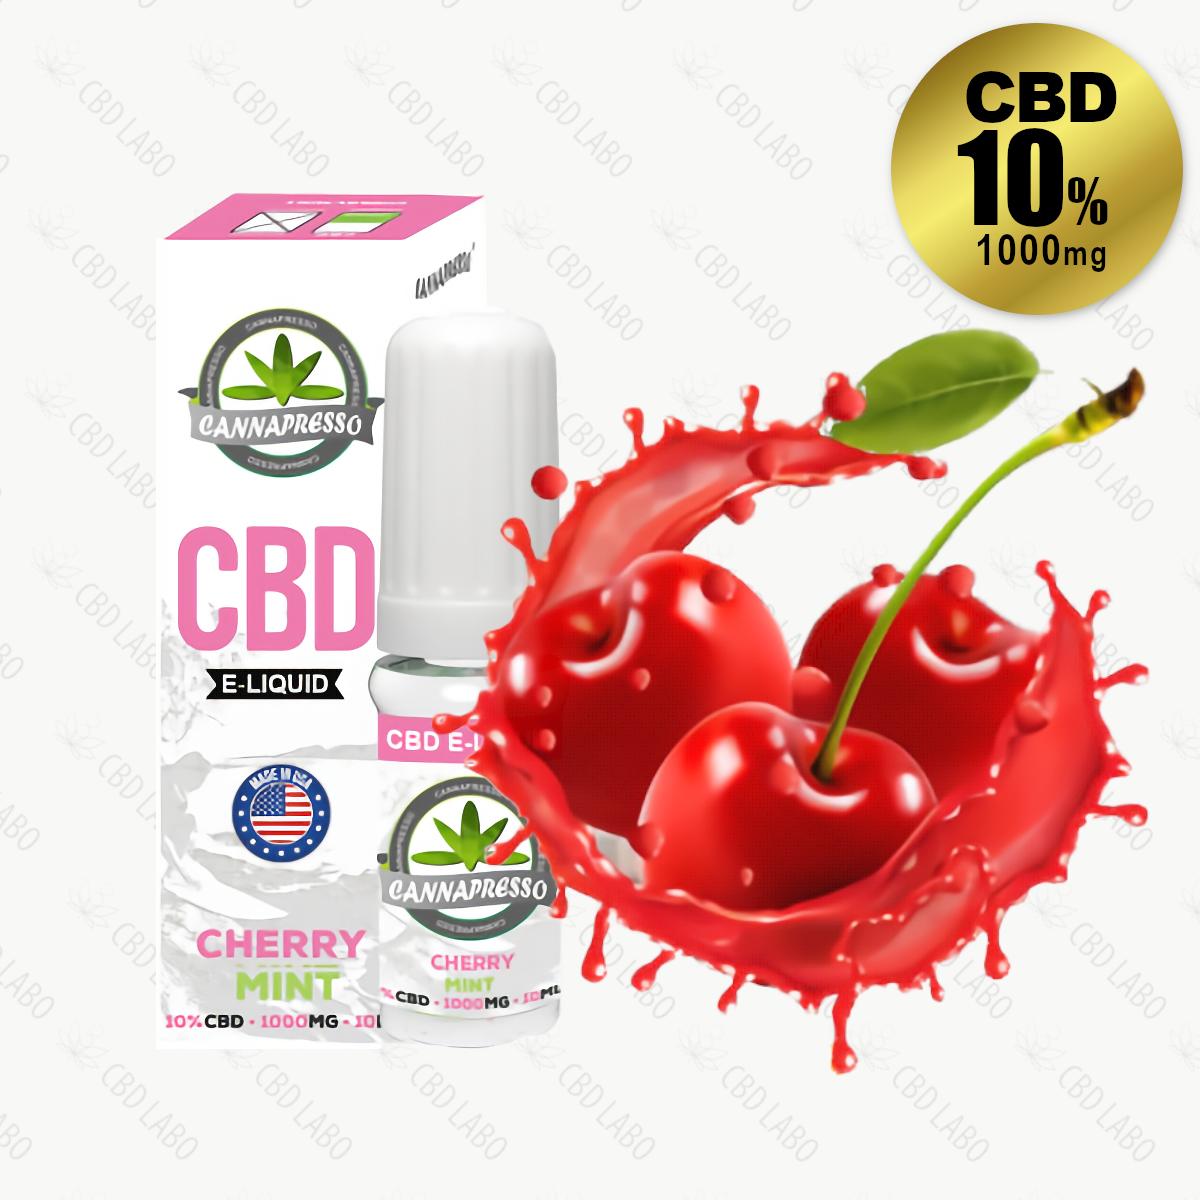 【送料無料】CANNAPRESSO CBDリキッド チェリーミント 10ml CBD含有量1,000mg (10%)